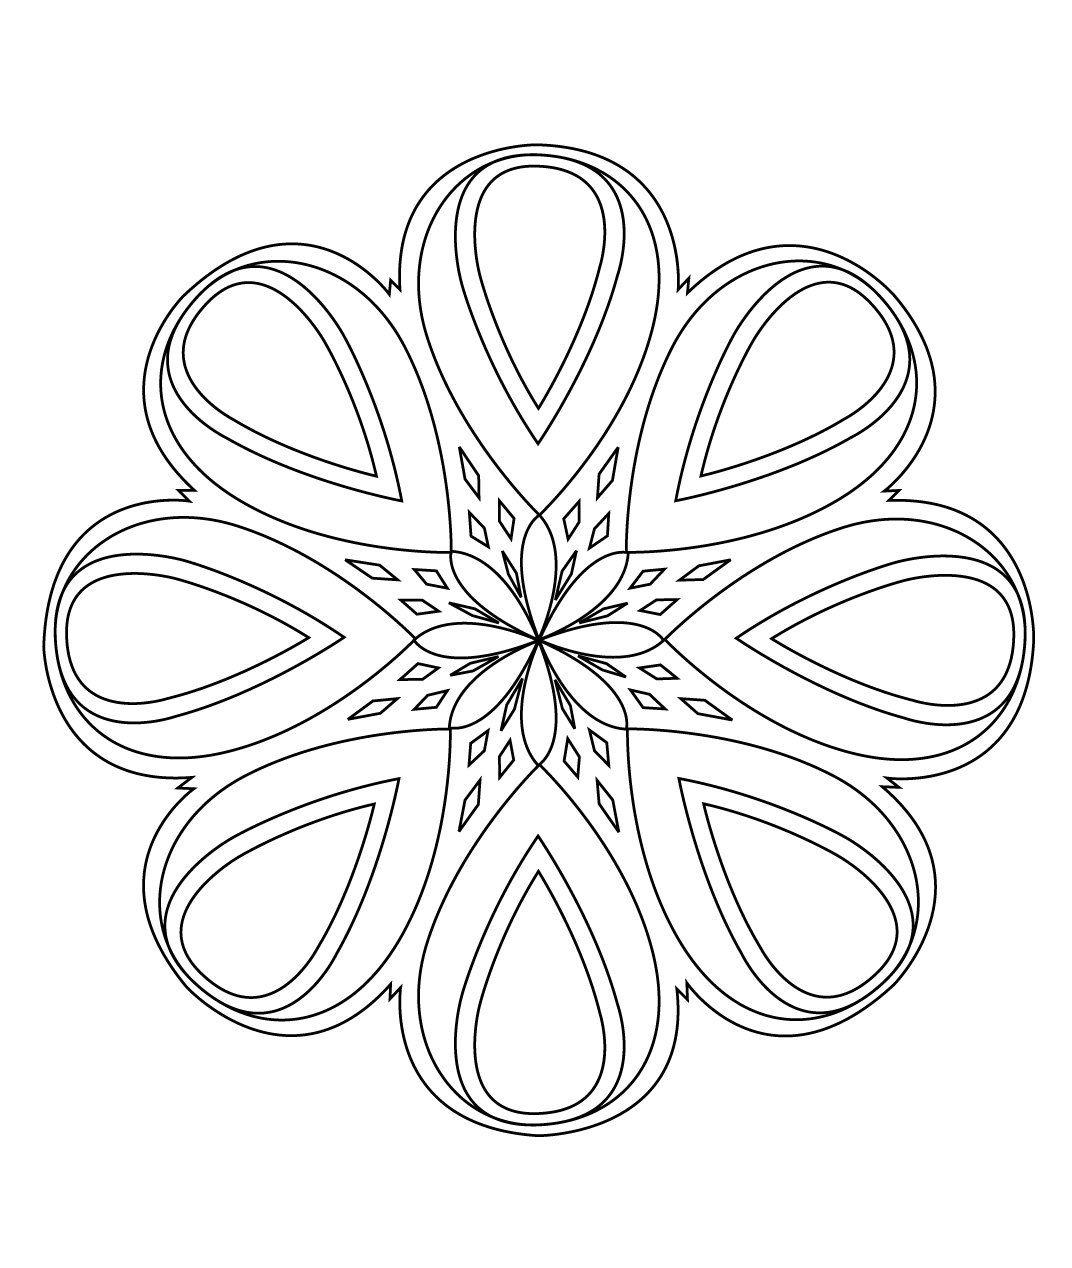 Stci coloriage pour adultes et enfants mandalas dessin